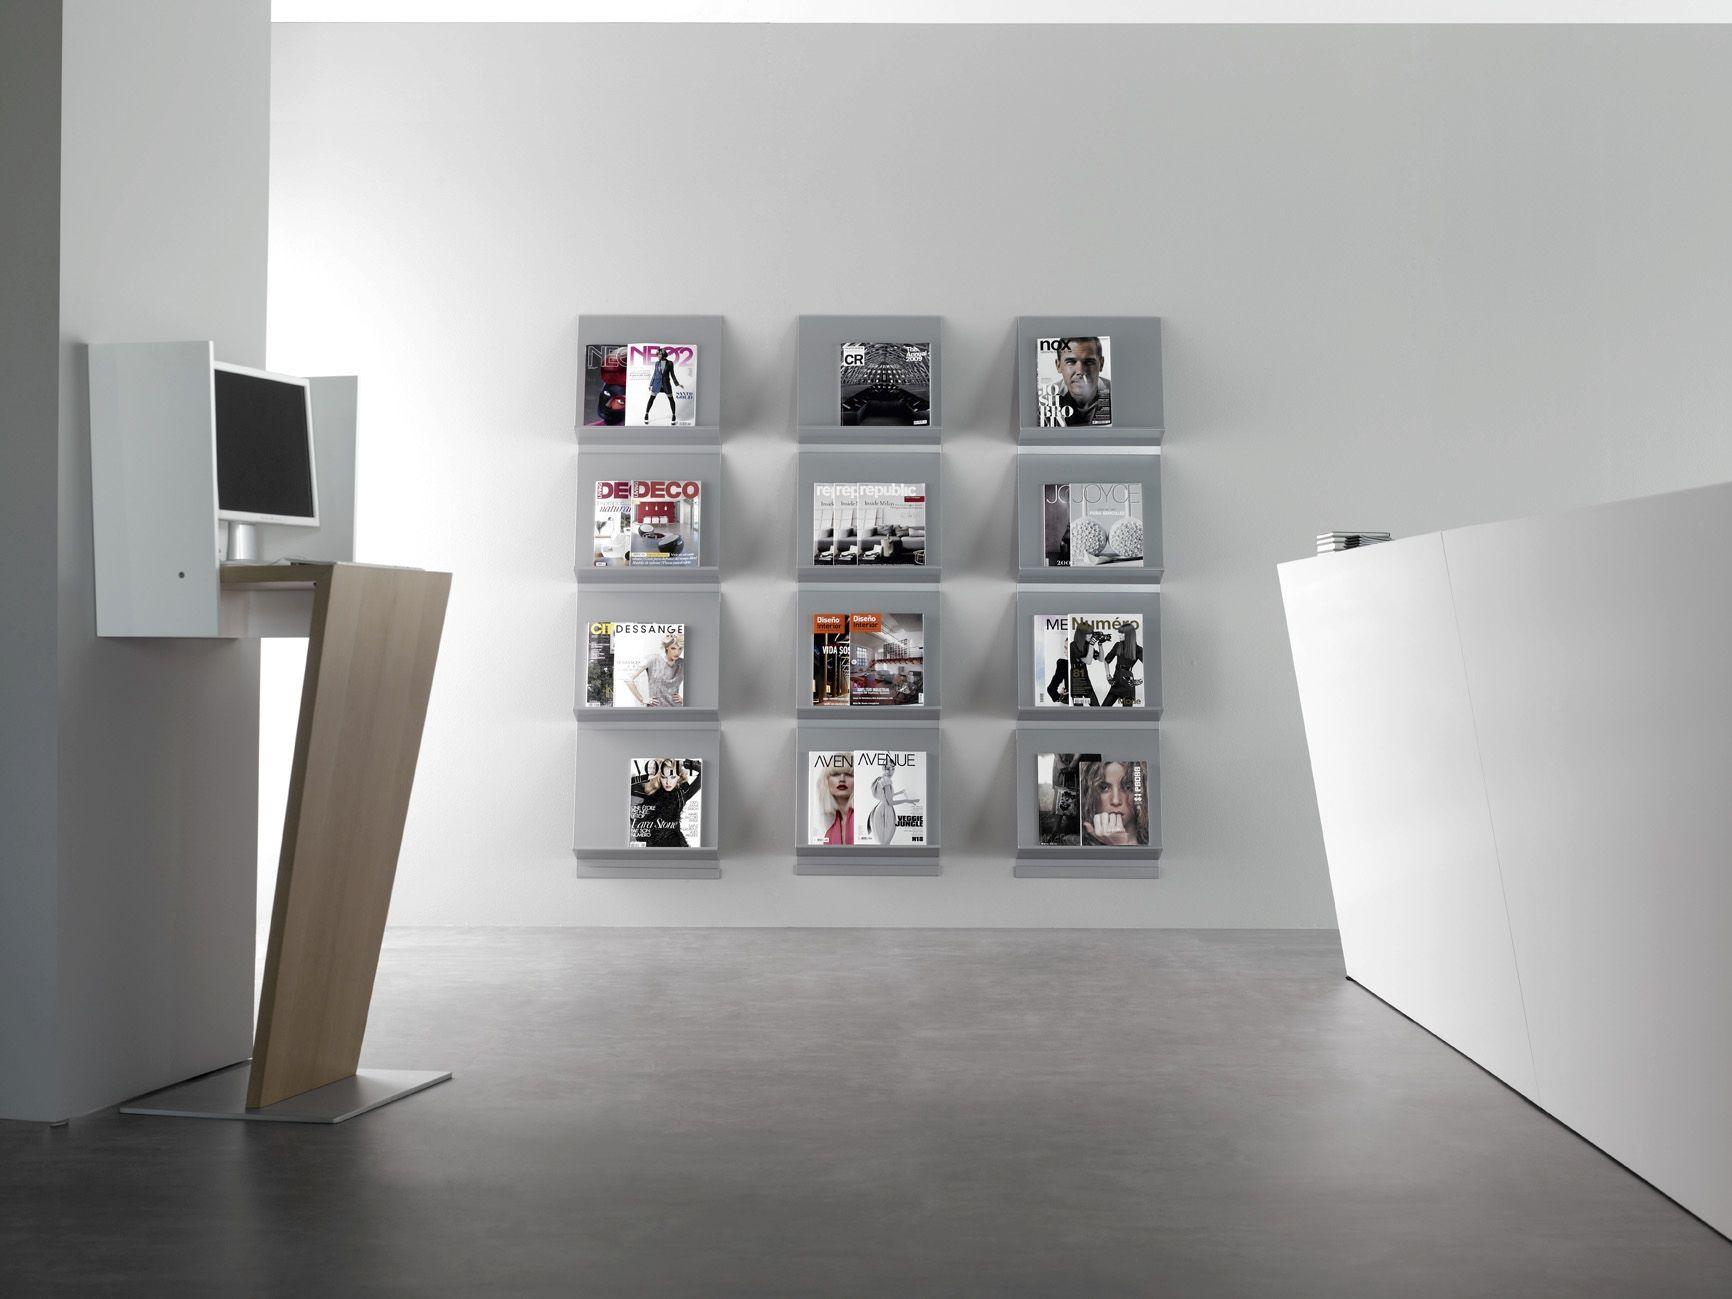 Moderner Computerschrank - JAKIN by Abad diseño - Sellex